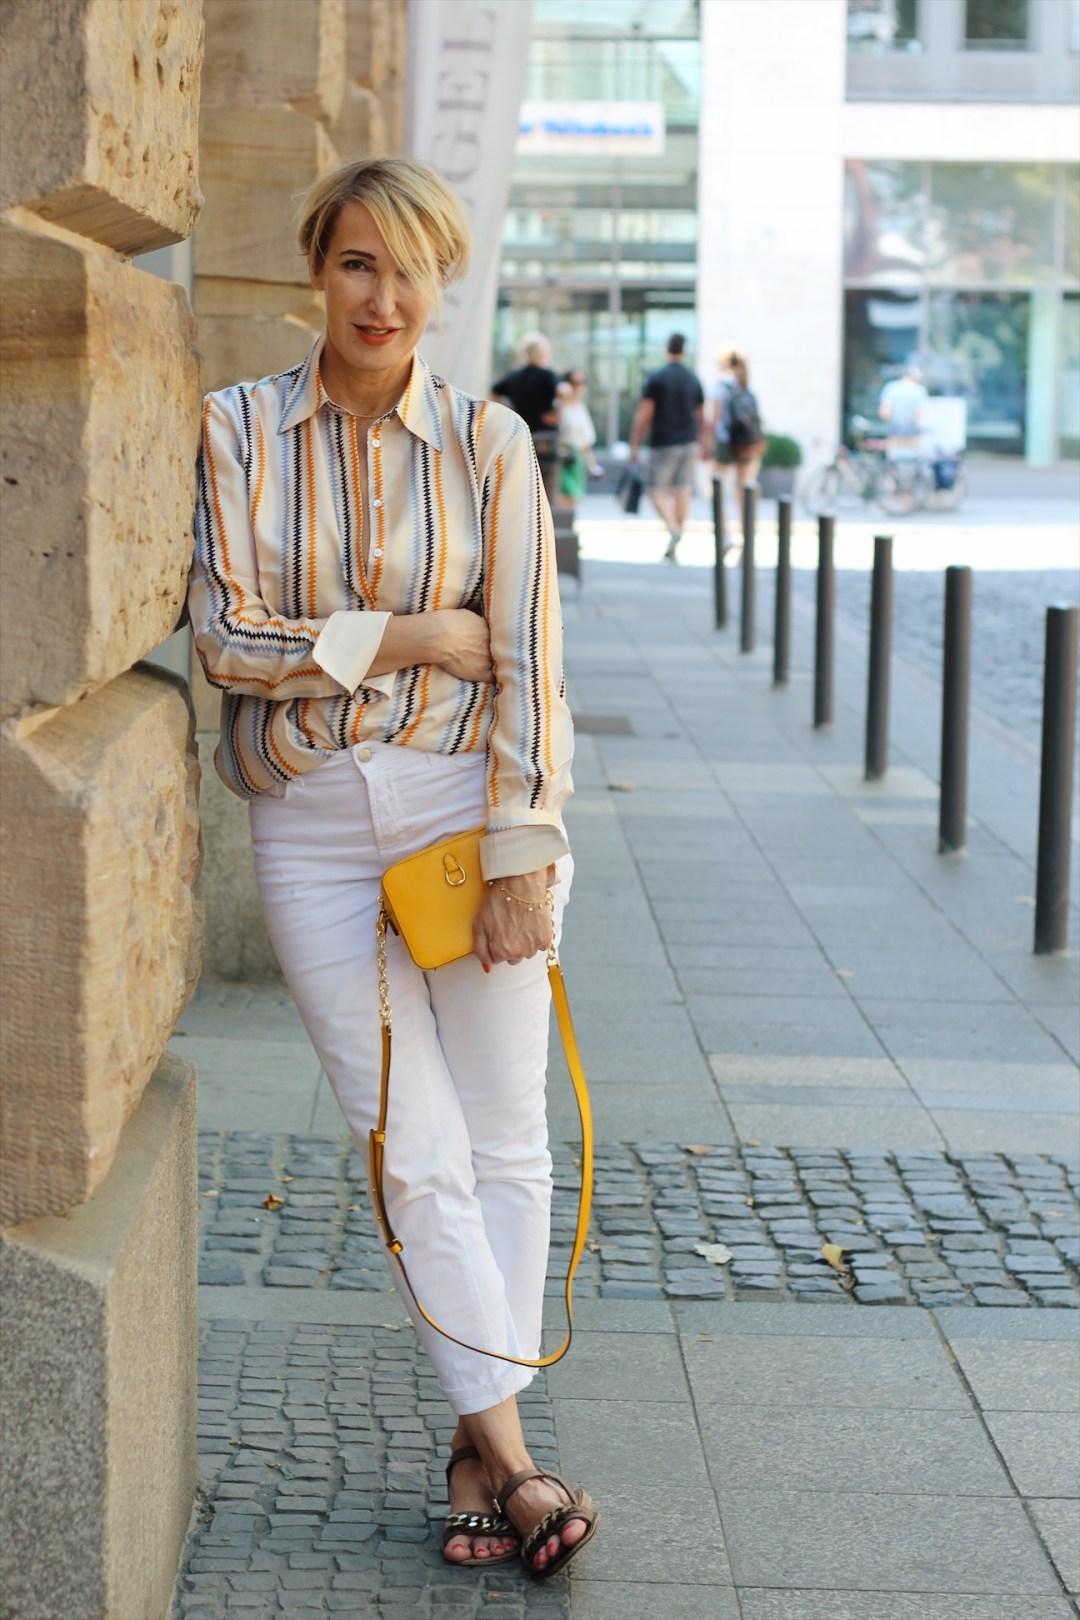 glamupyourlifestyle Sommerschlussverkauf Victoria-Beckham-Kollektion gestreifte-Blusen weiße-hose gelbe-tasche ü-40-mode ue-50-mode